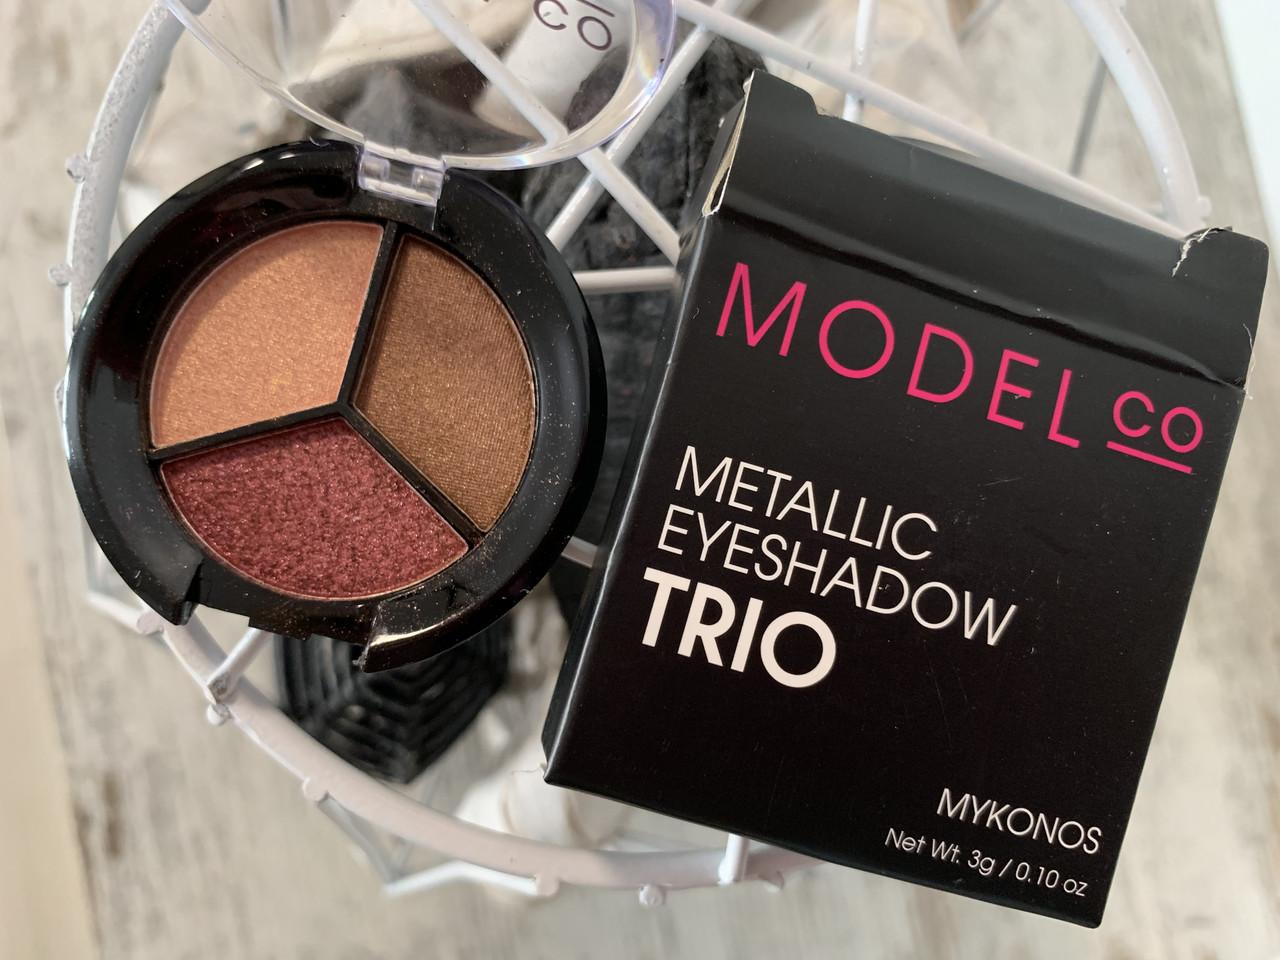 Тени-трио металлик MODEL CO Metallic Eyeshadow Trio